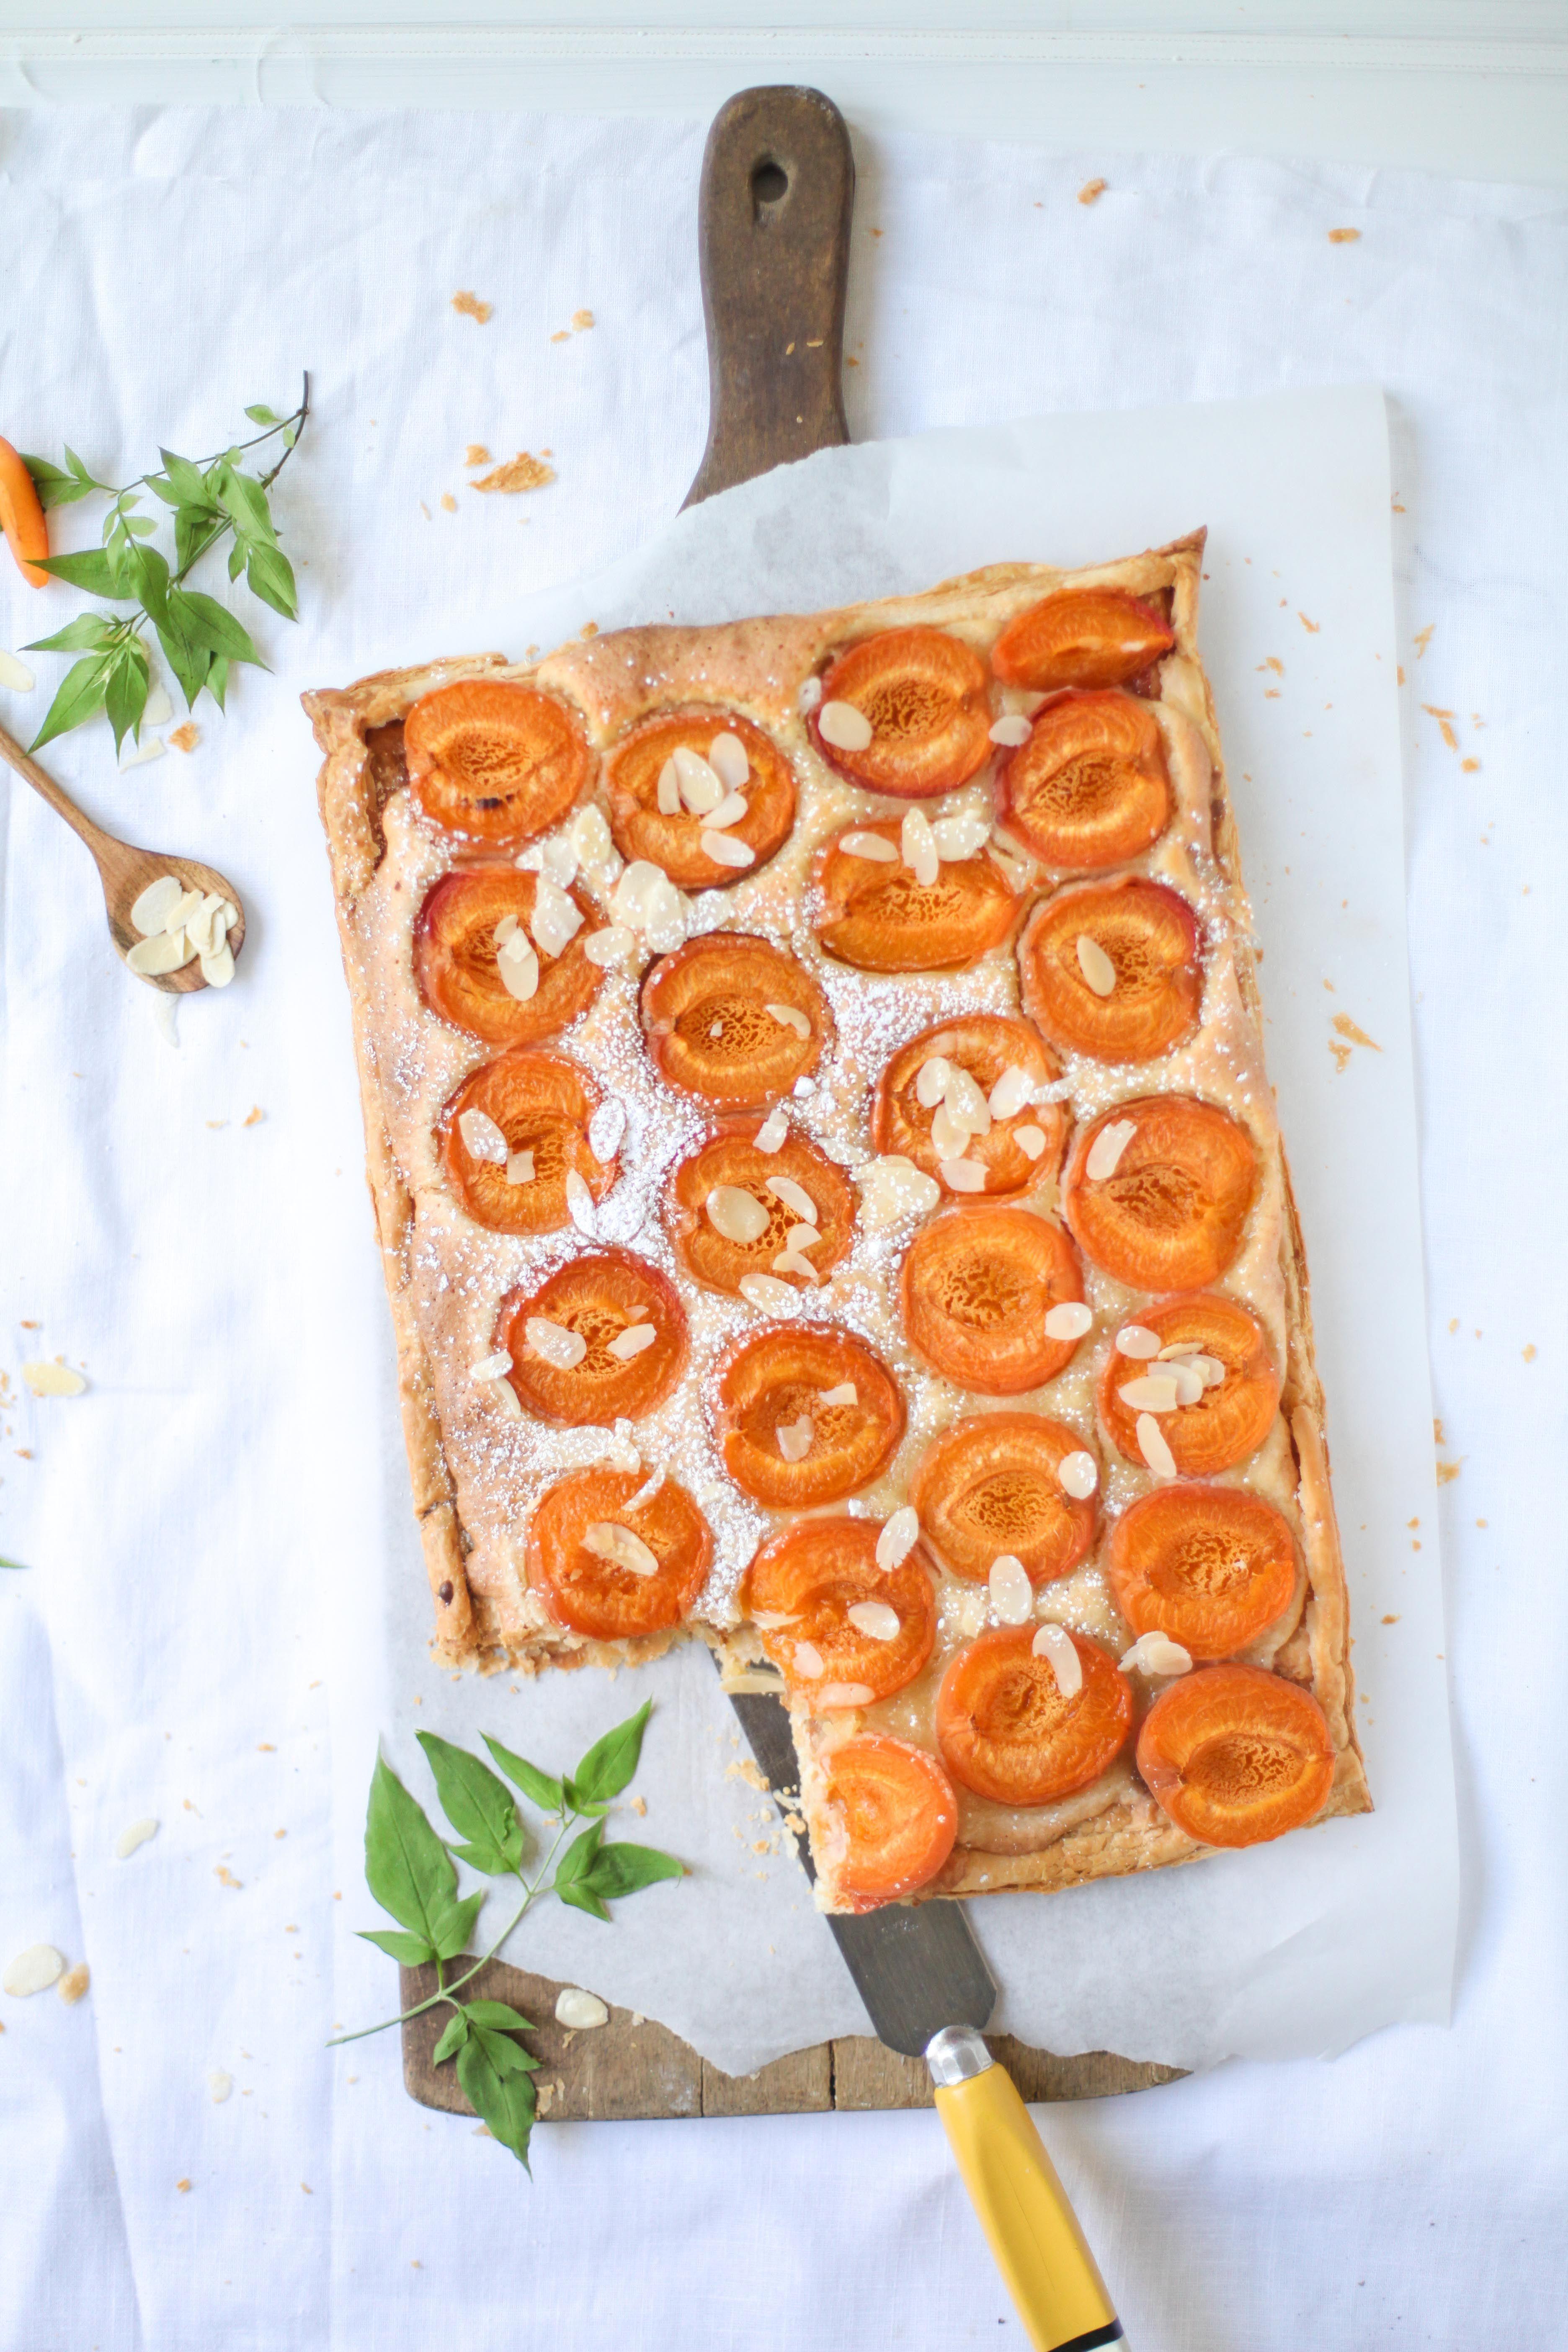 aprikosentarte mit mandelcreme ein k stliches aprikosenrezept denn das runde mu ins eckige. Black Bedroom Furniture Sets. Home Design Ideas